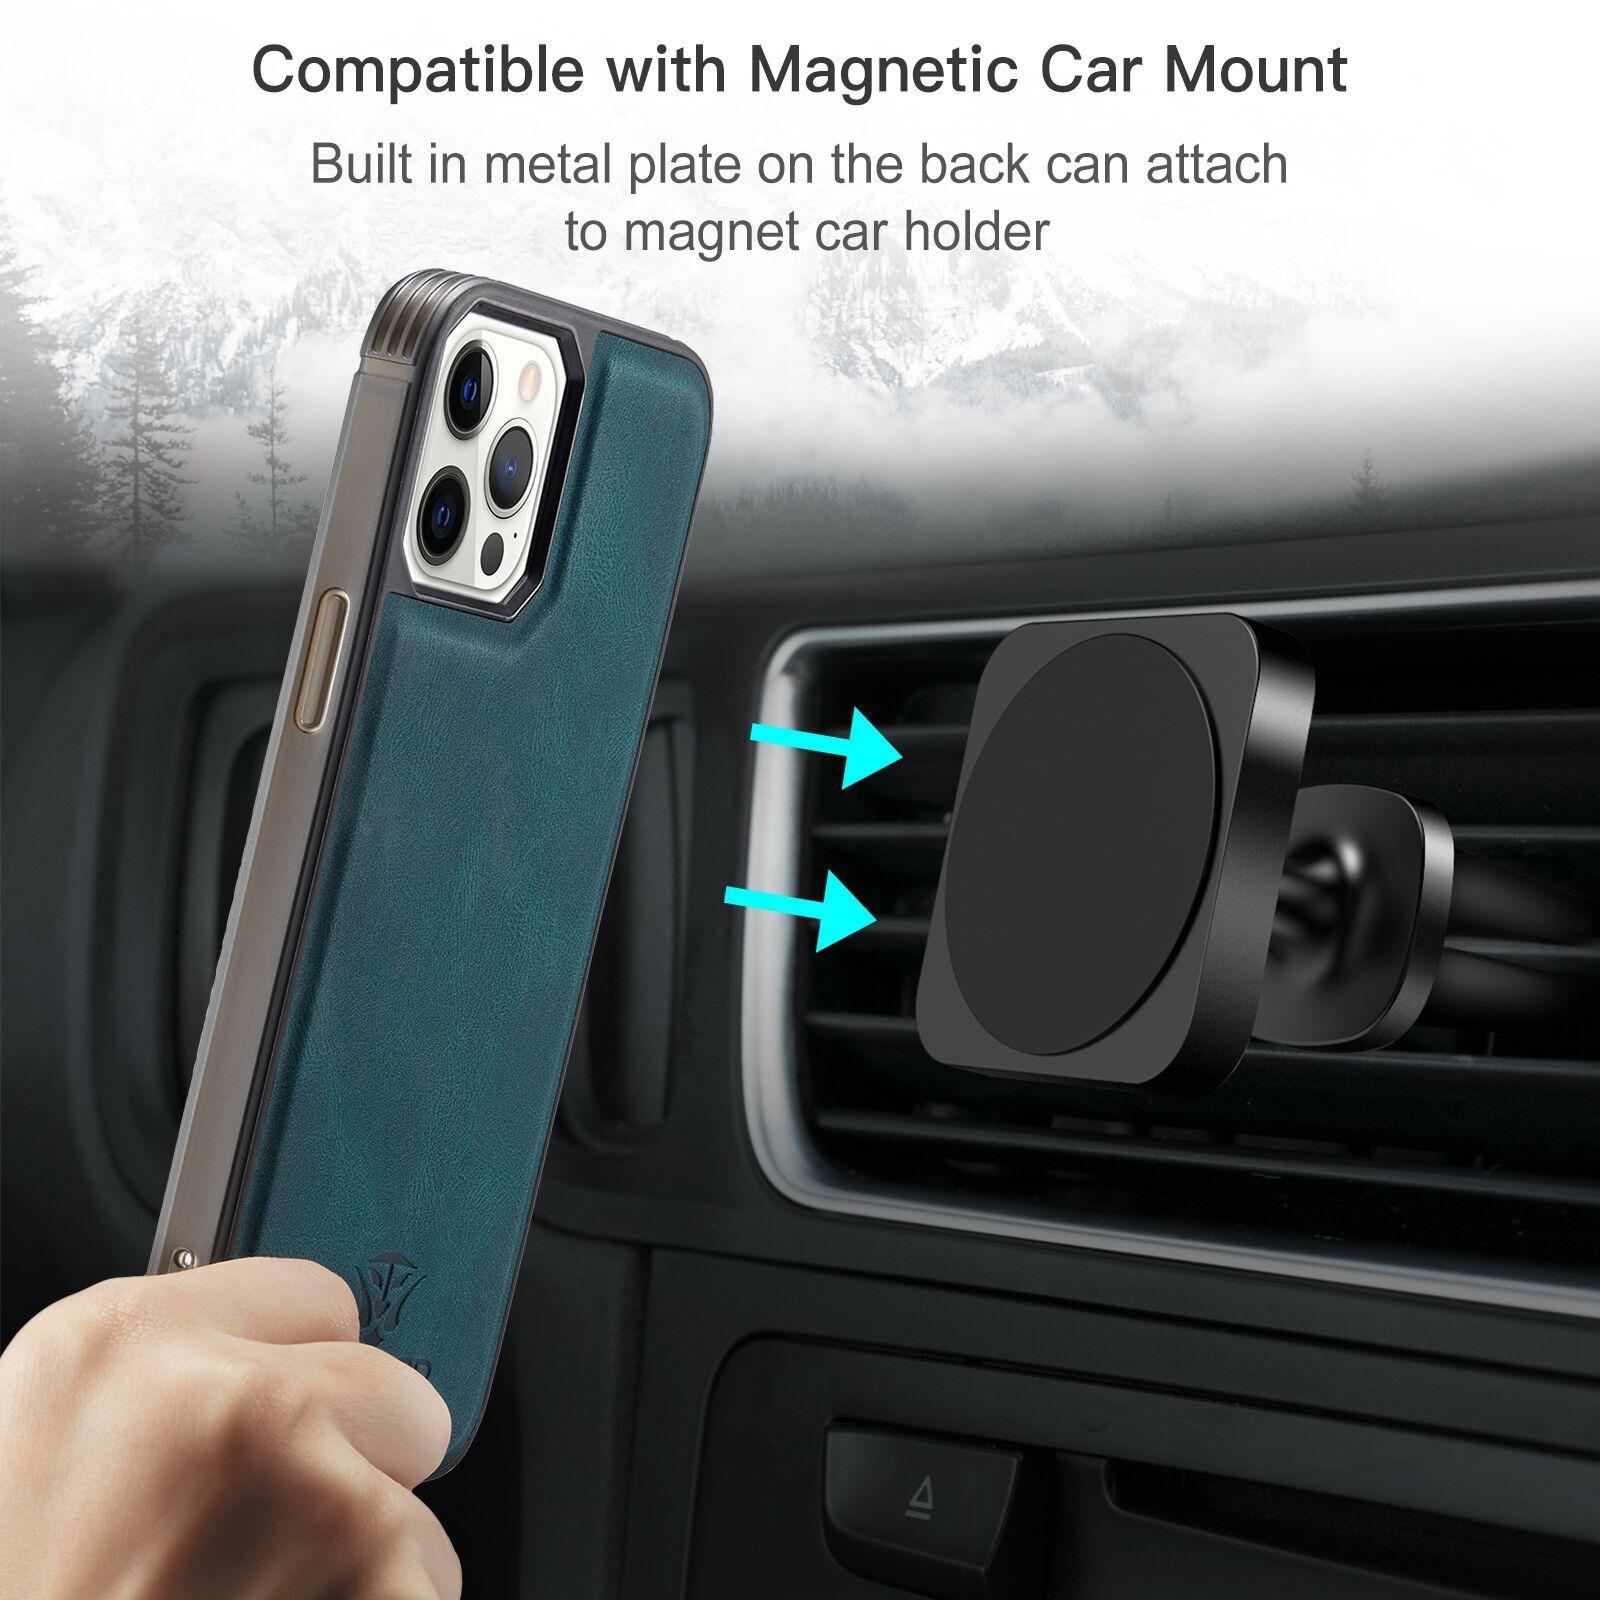 H2fe87820e2554e65bbcd3a7ea0db827dK Capinha case Capa traseira para o iphone 12 11 pro max xs xr x se 2020 8 7 plus caso do telefone com suporte de cartão de couro magnético destacável carteira saco